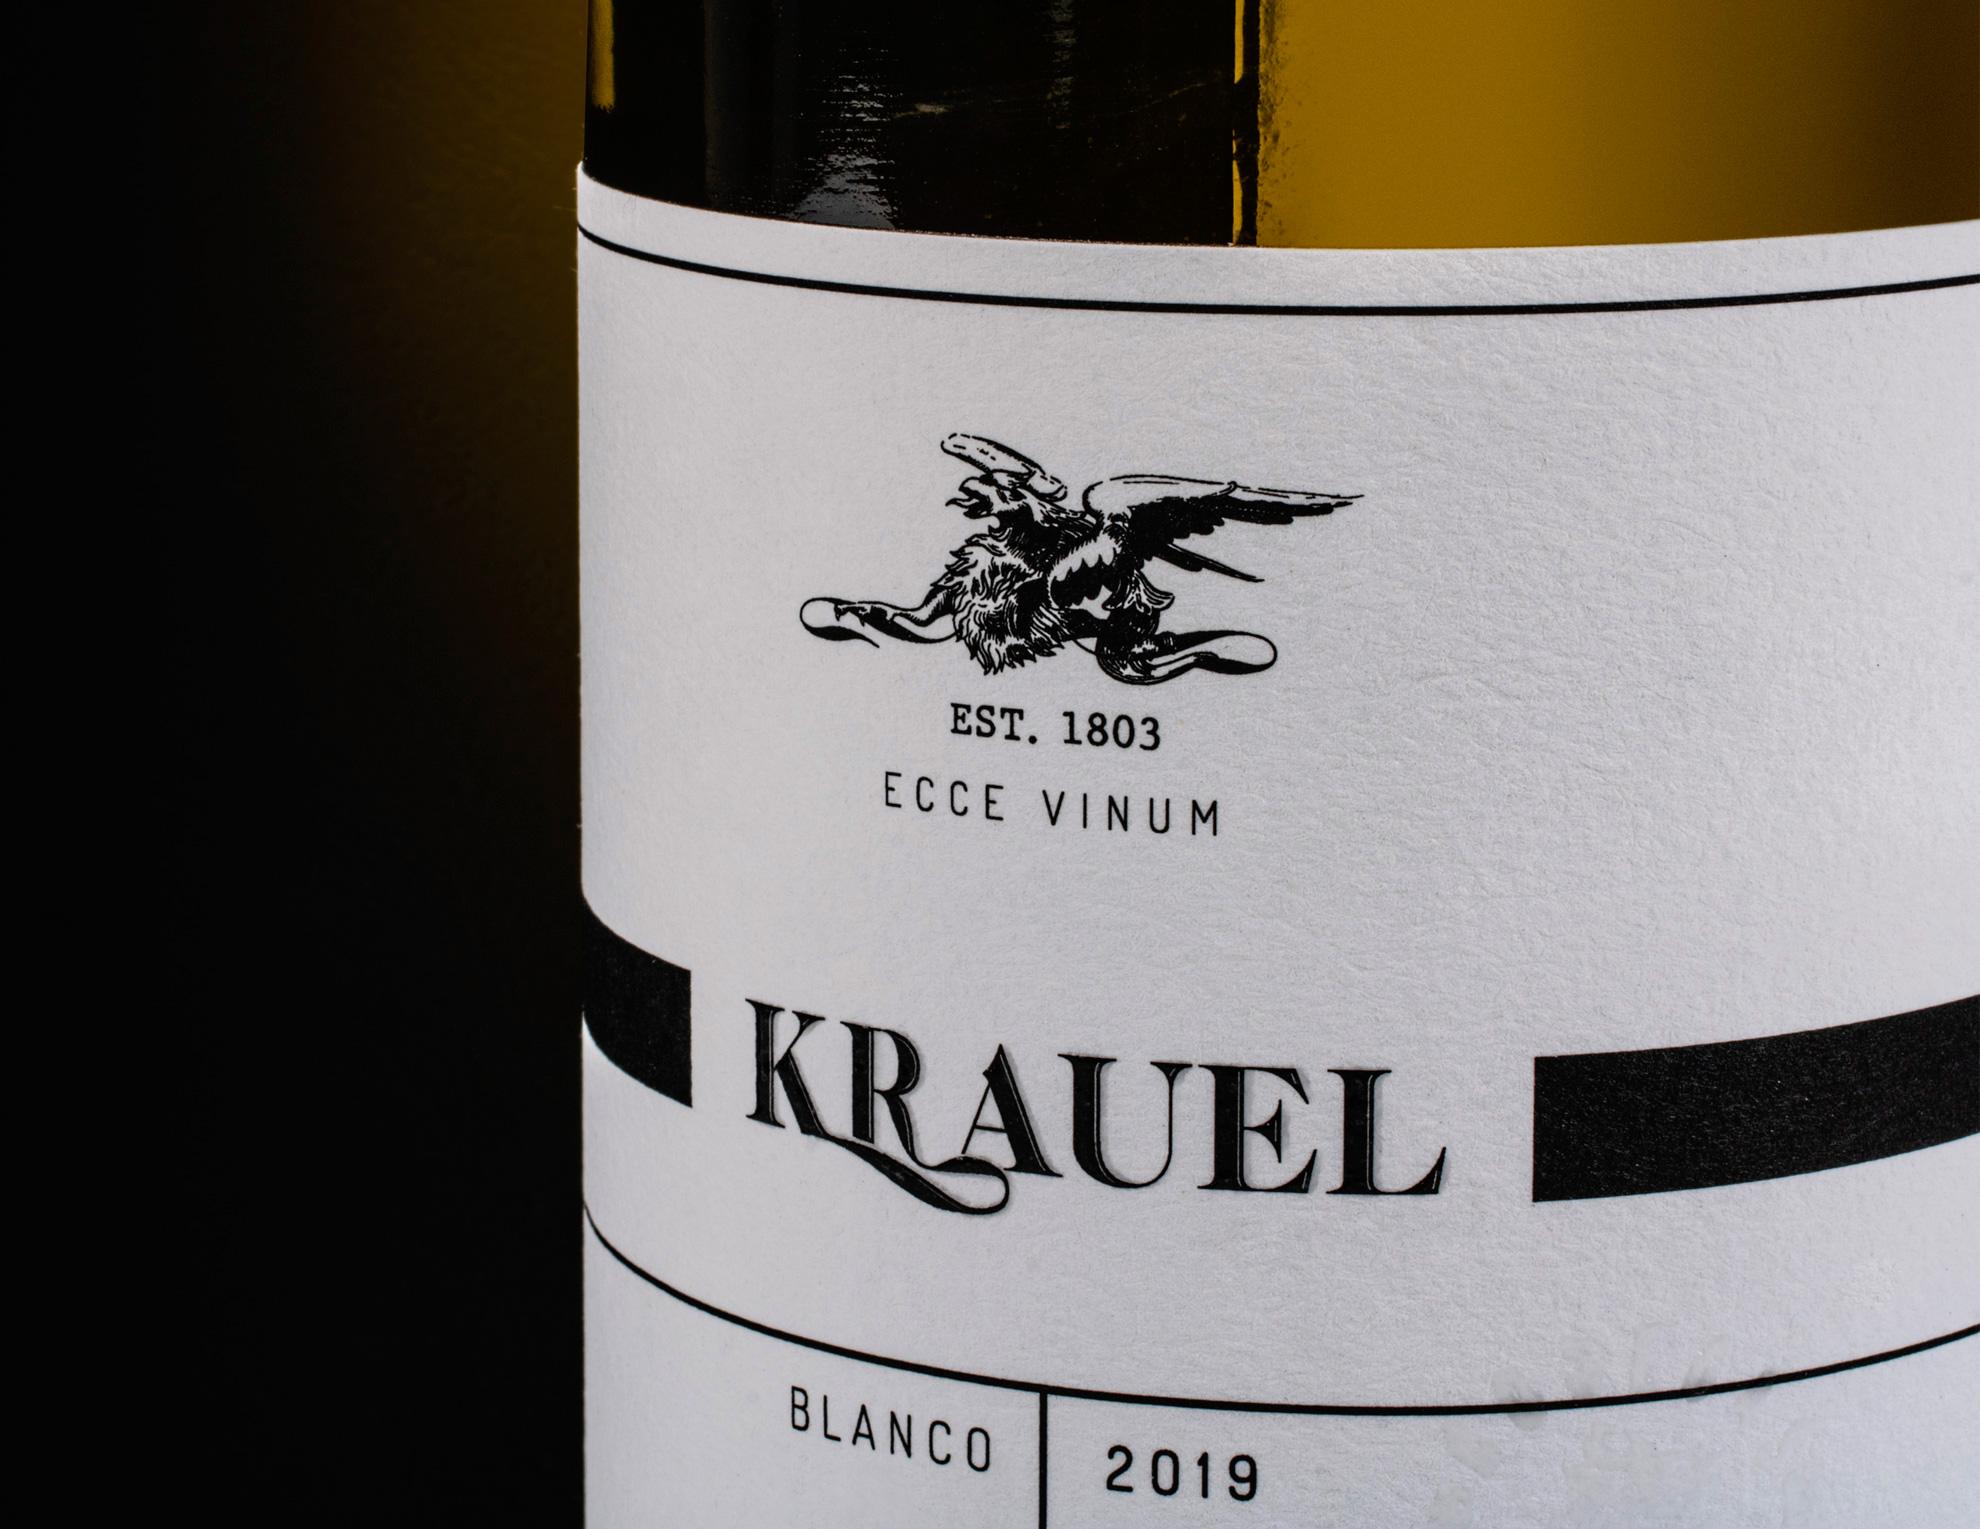 Fylgia diseño de packaging para vino. Diseño de etiqueta vino blanco de Manilva